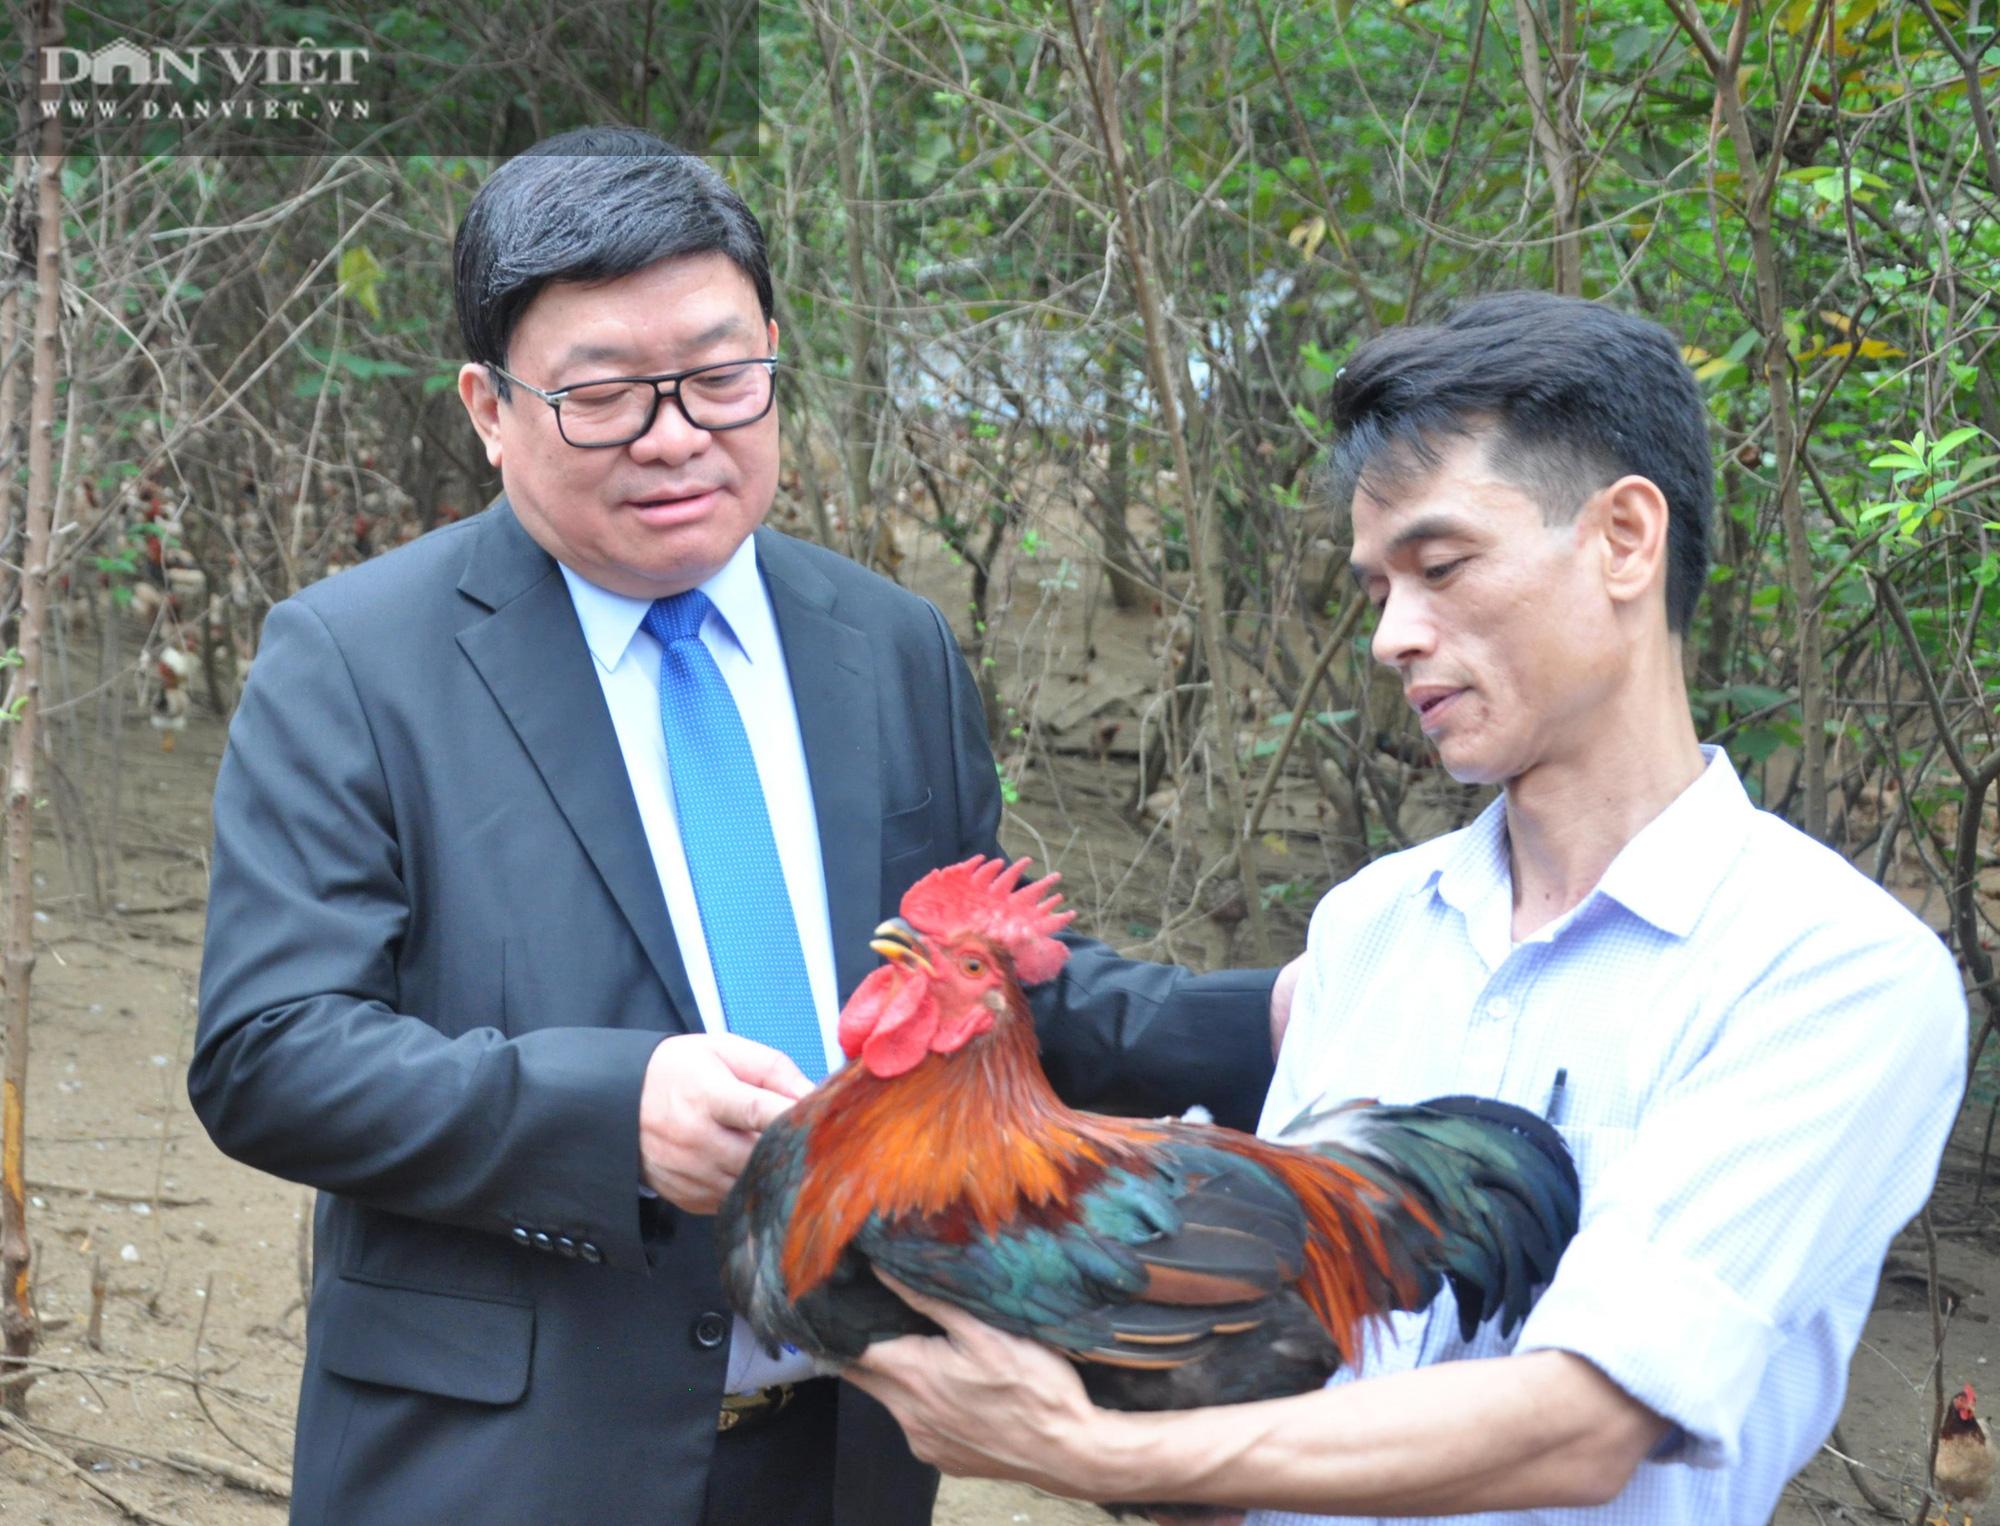 Chủ tịch Hội Nông dân Việt Nam vượt hàng đá thăm trang trại nuôi con đặc sản thu gần 7 tỷ đồng/năm ở Hòa Bình - Ảnh 6.